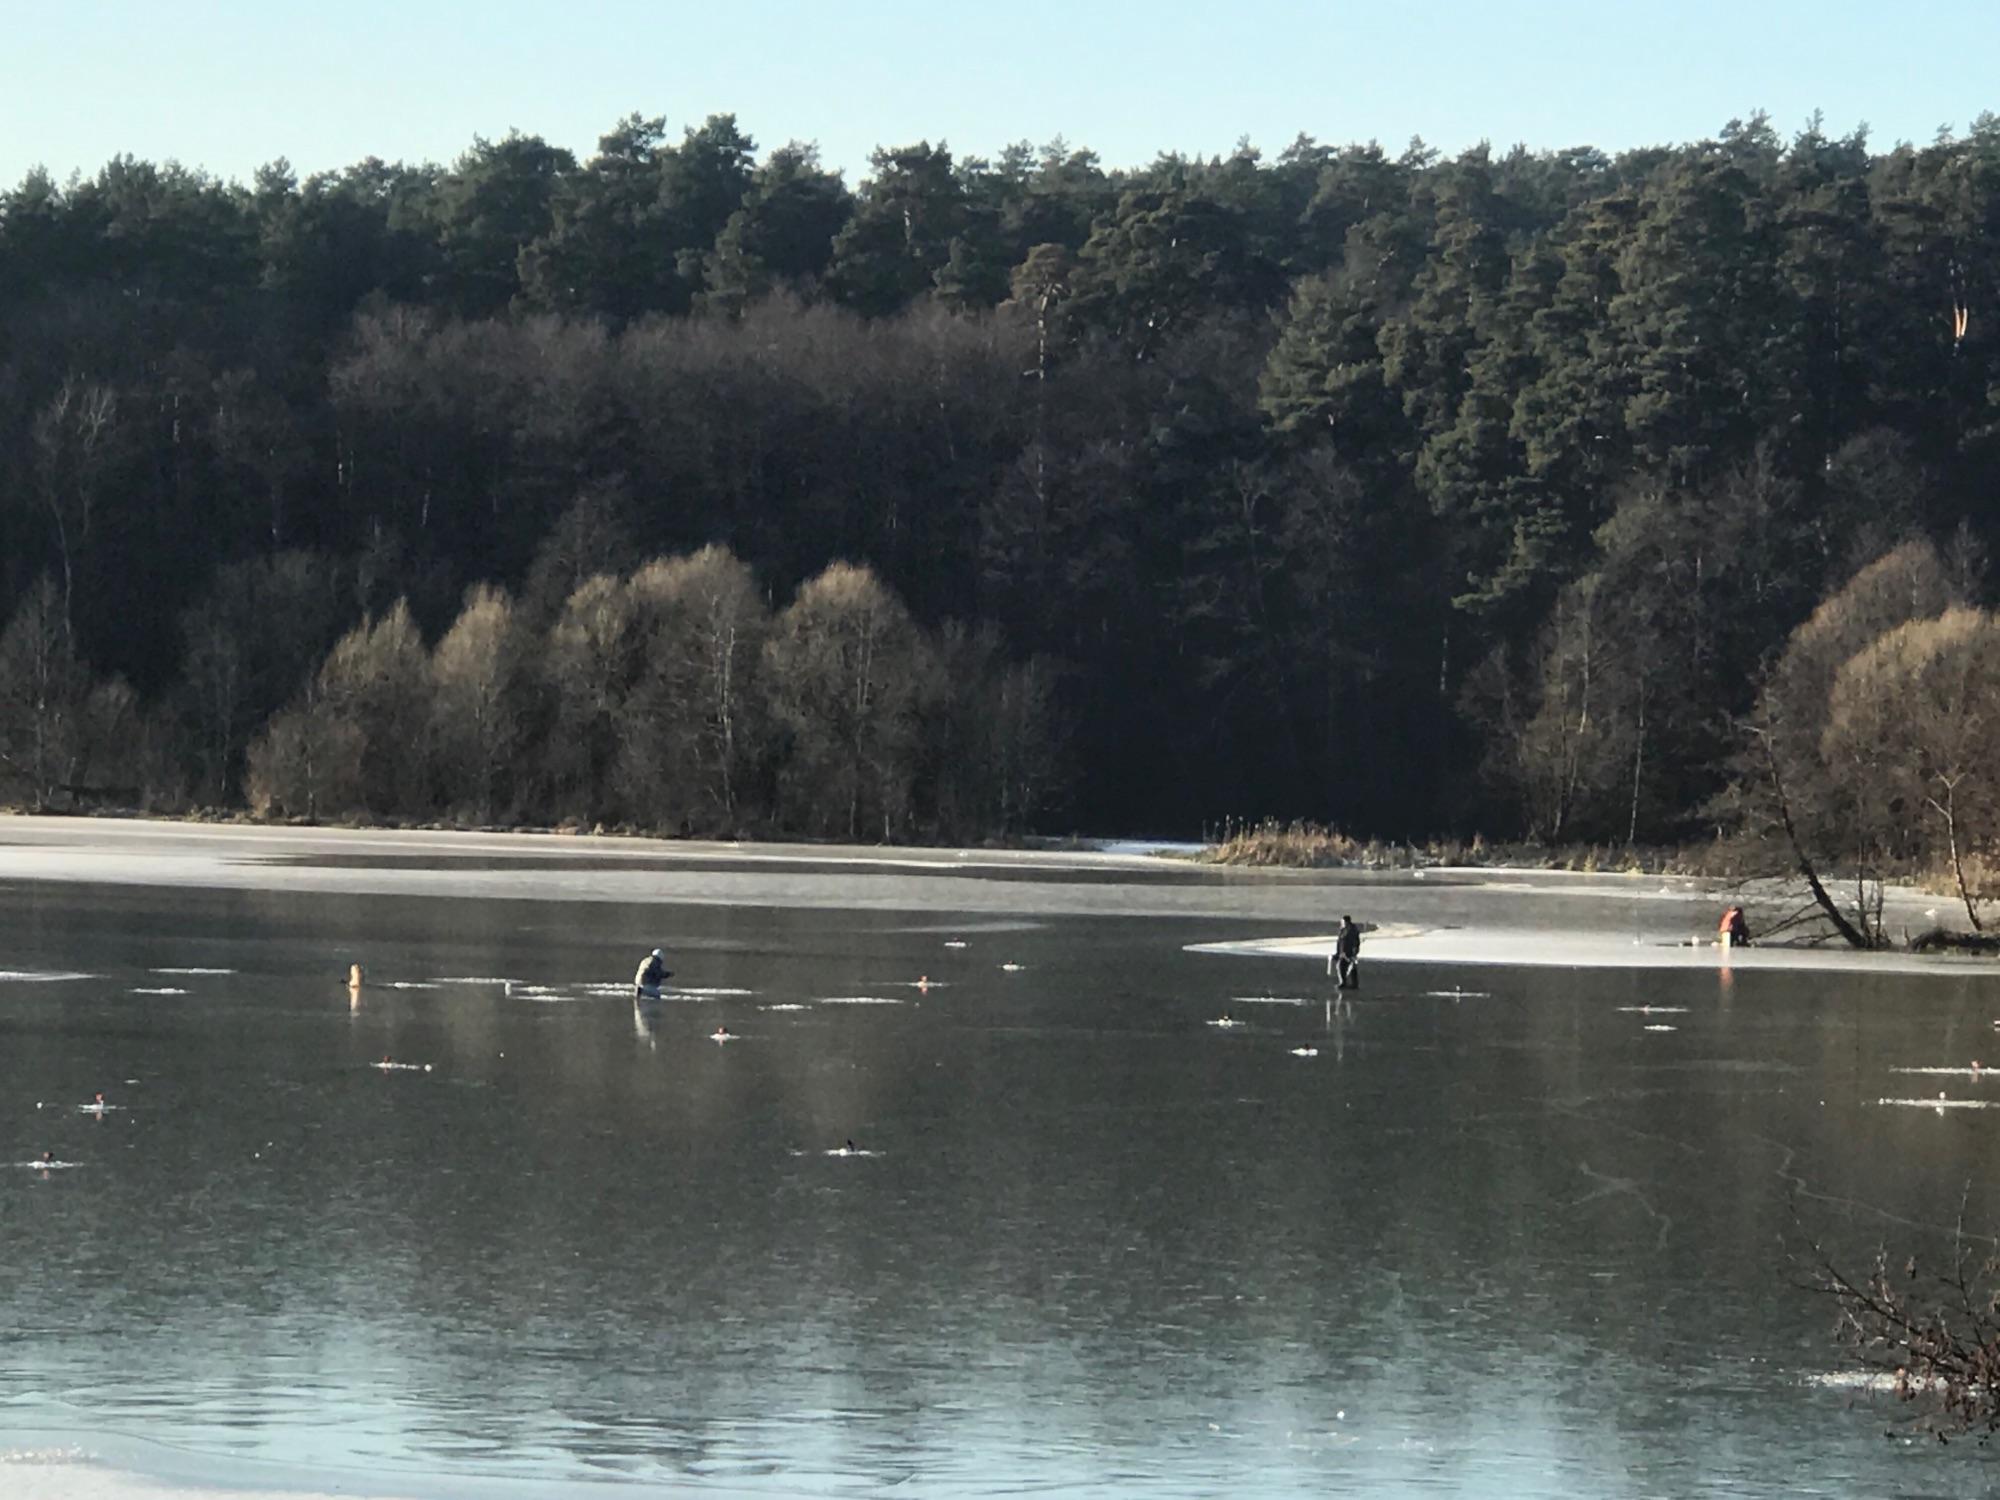 Там есть немного льда, и на нём странные люди. Мне этих рыбаков не понять, другой мир.